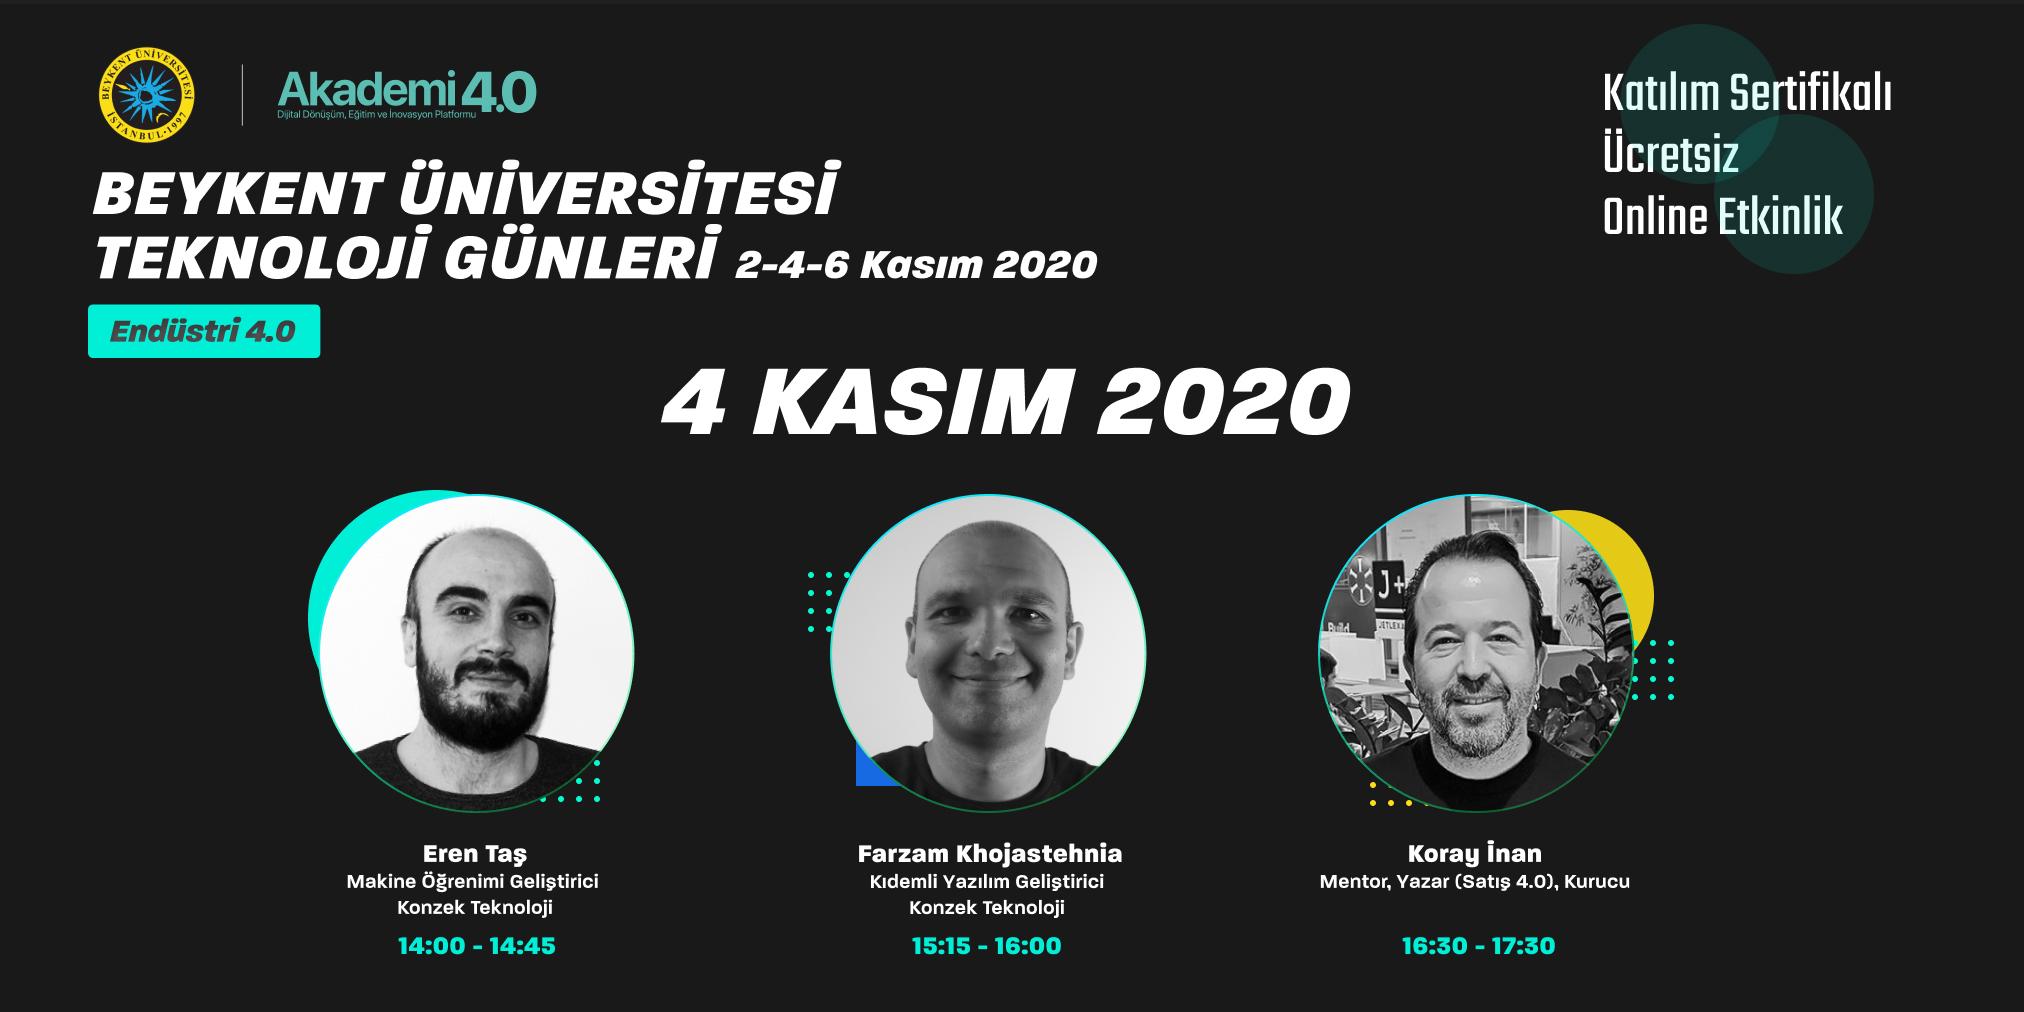 Teknoloji Günleri - Endüstri 4.0, 4 Kasım 2020